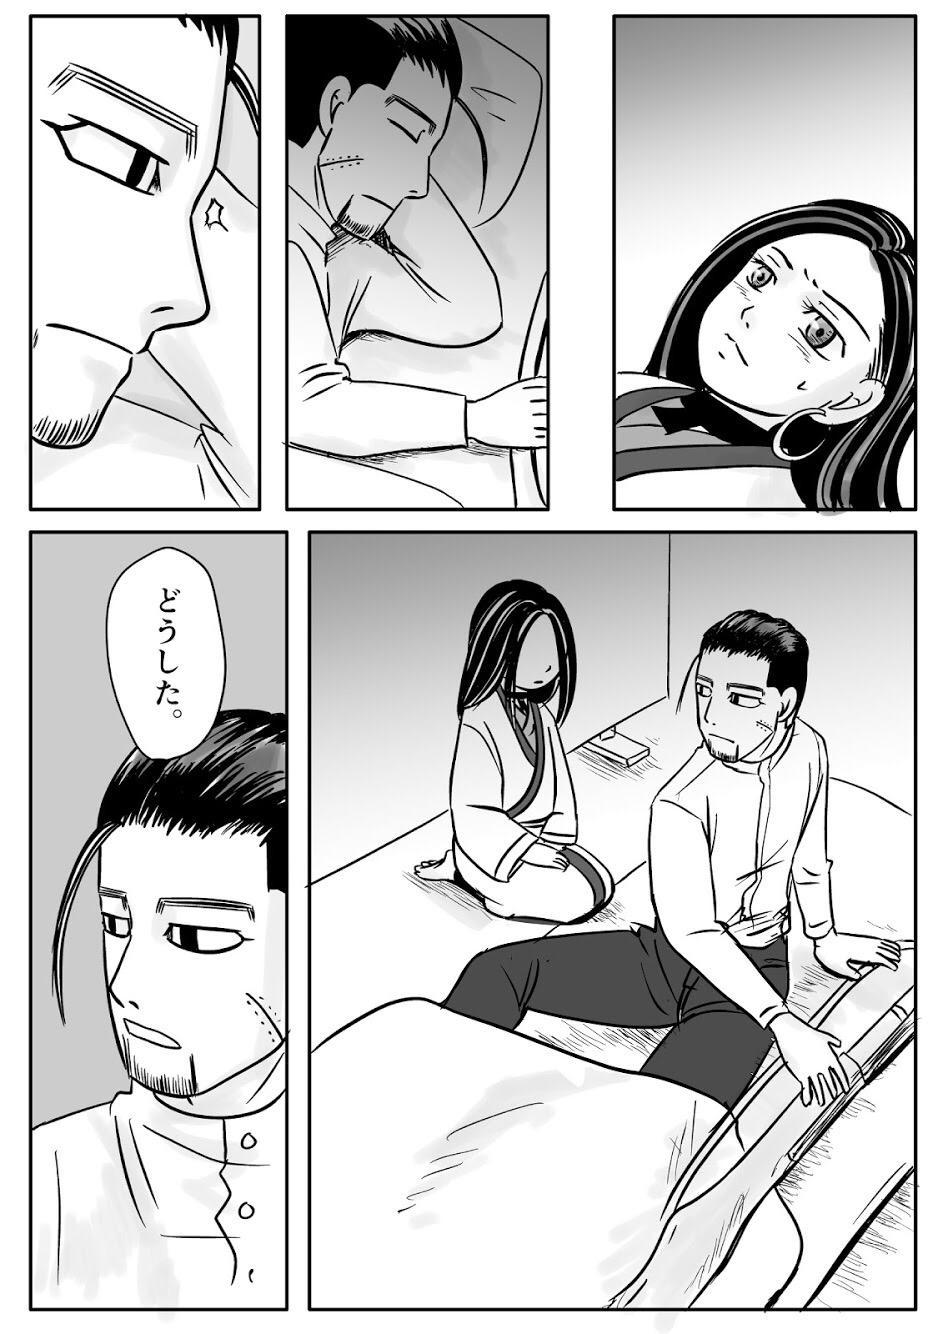 Toko no Koto 3